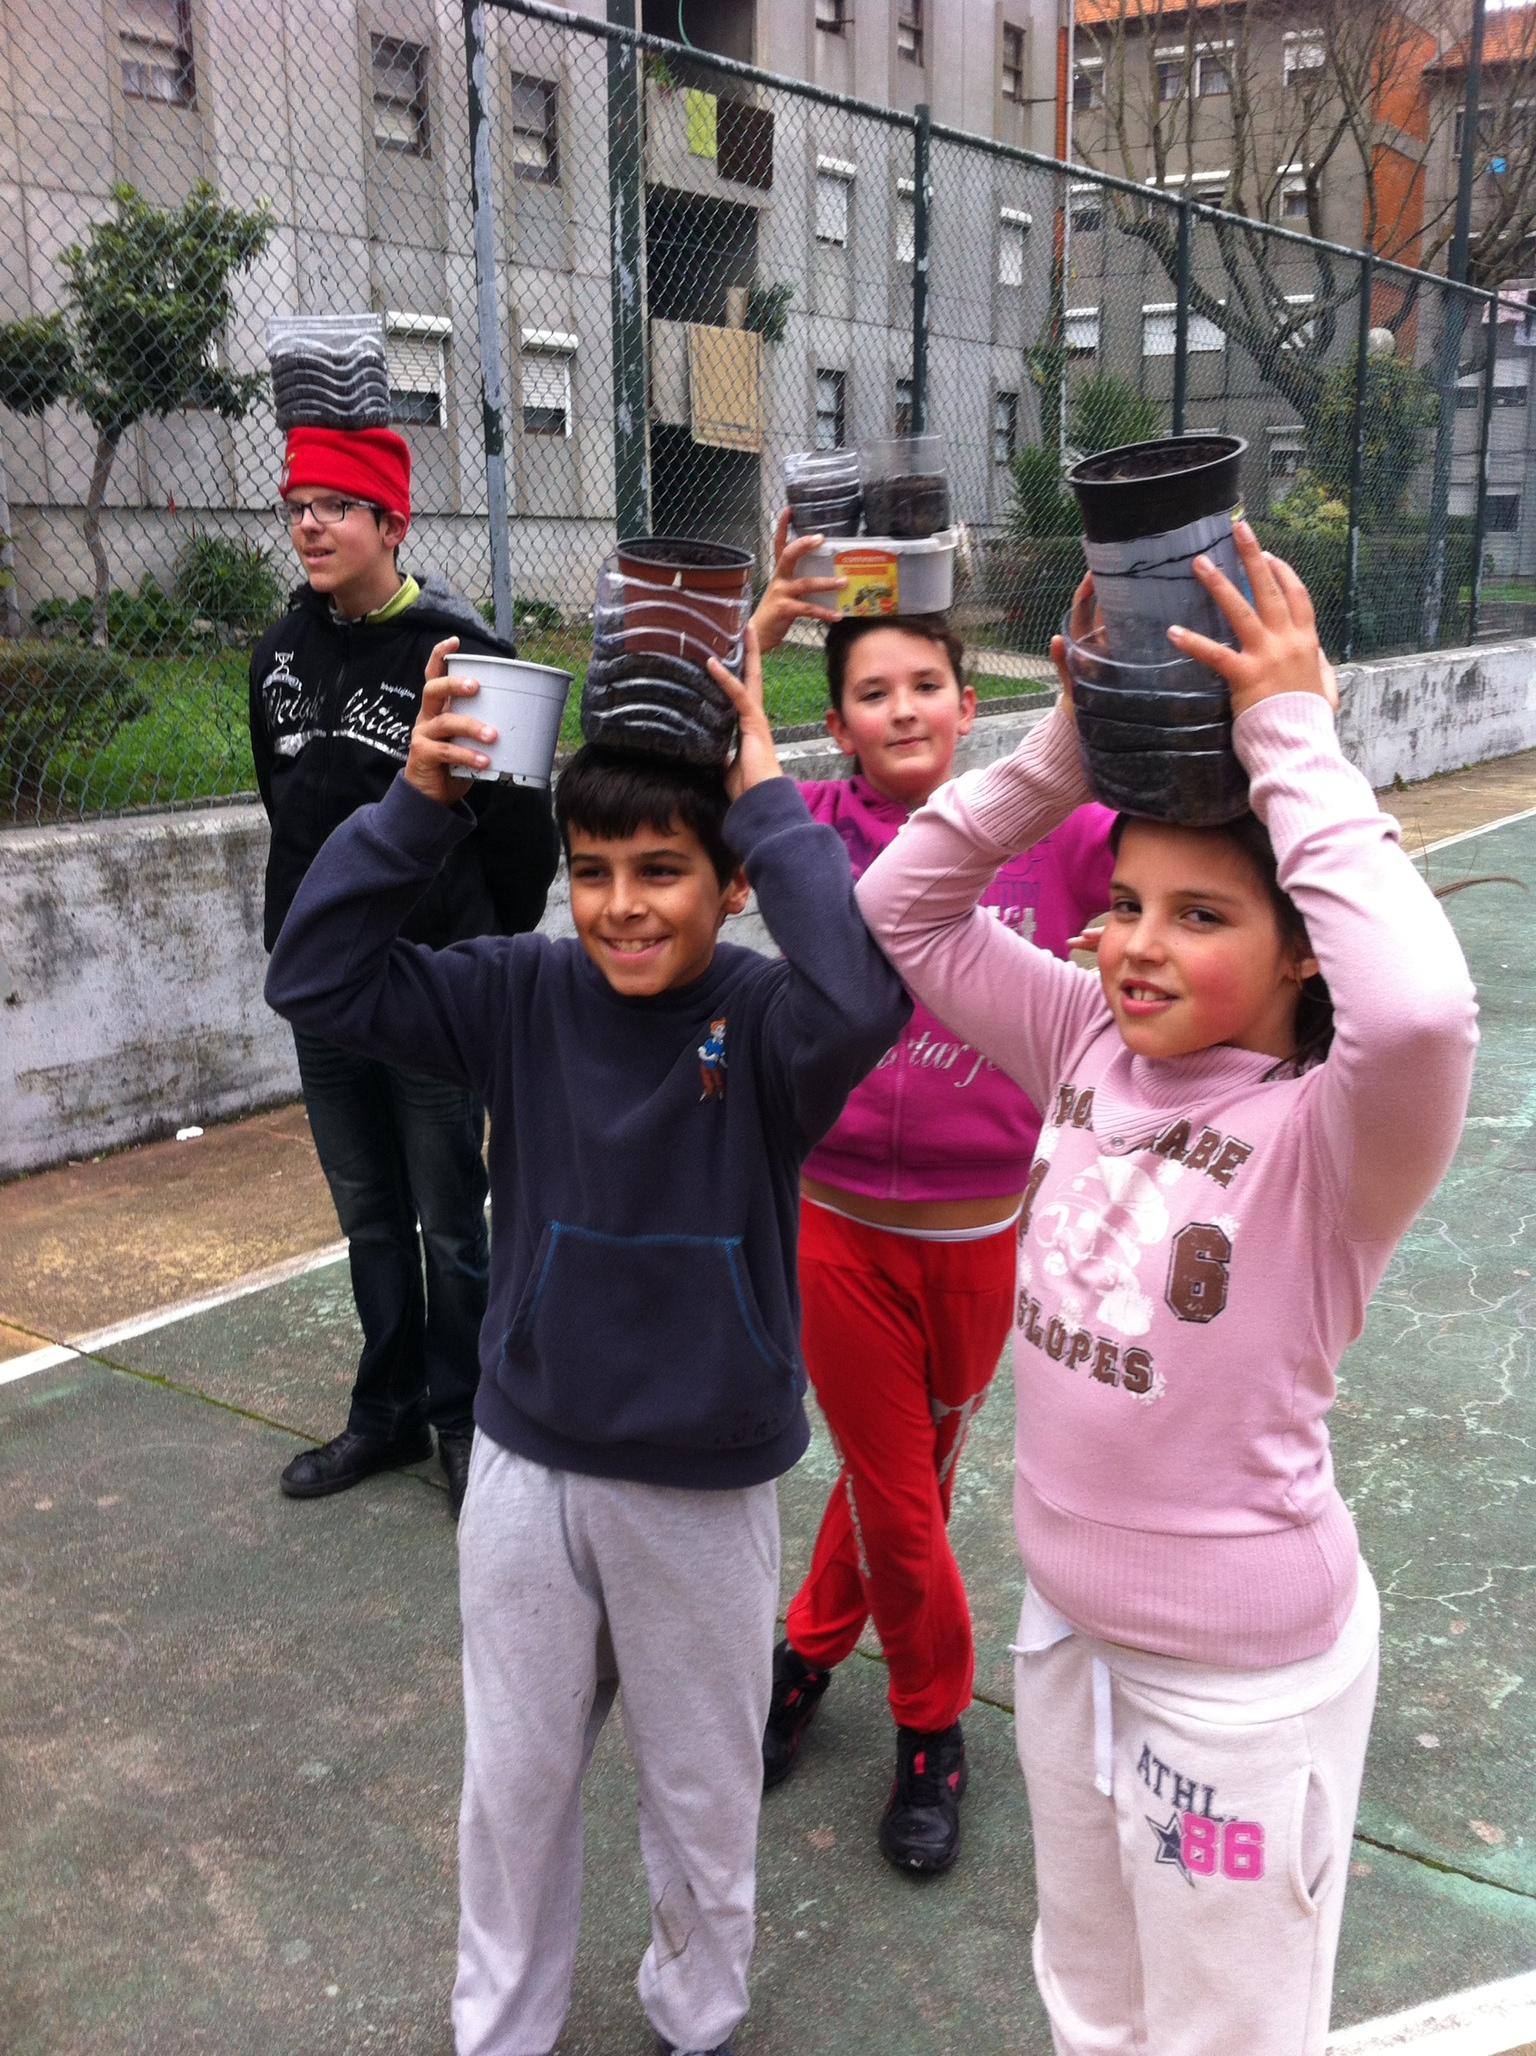 Aula para Crianças - Braga